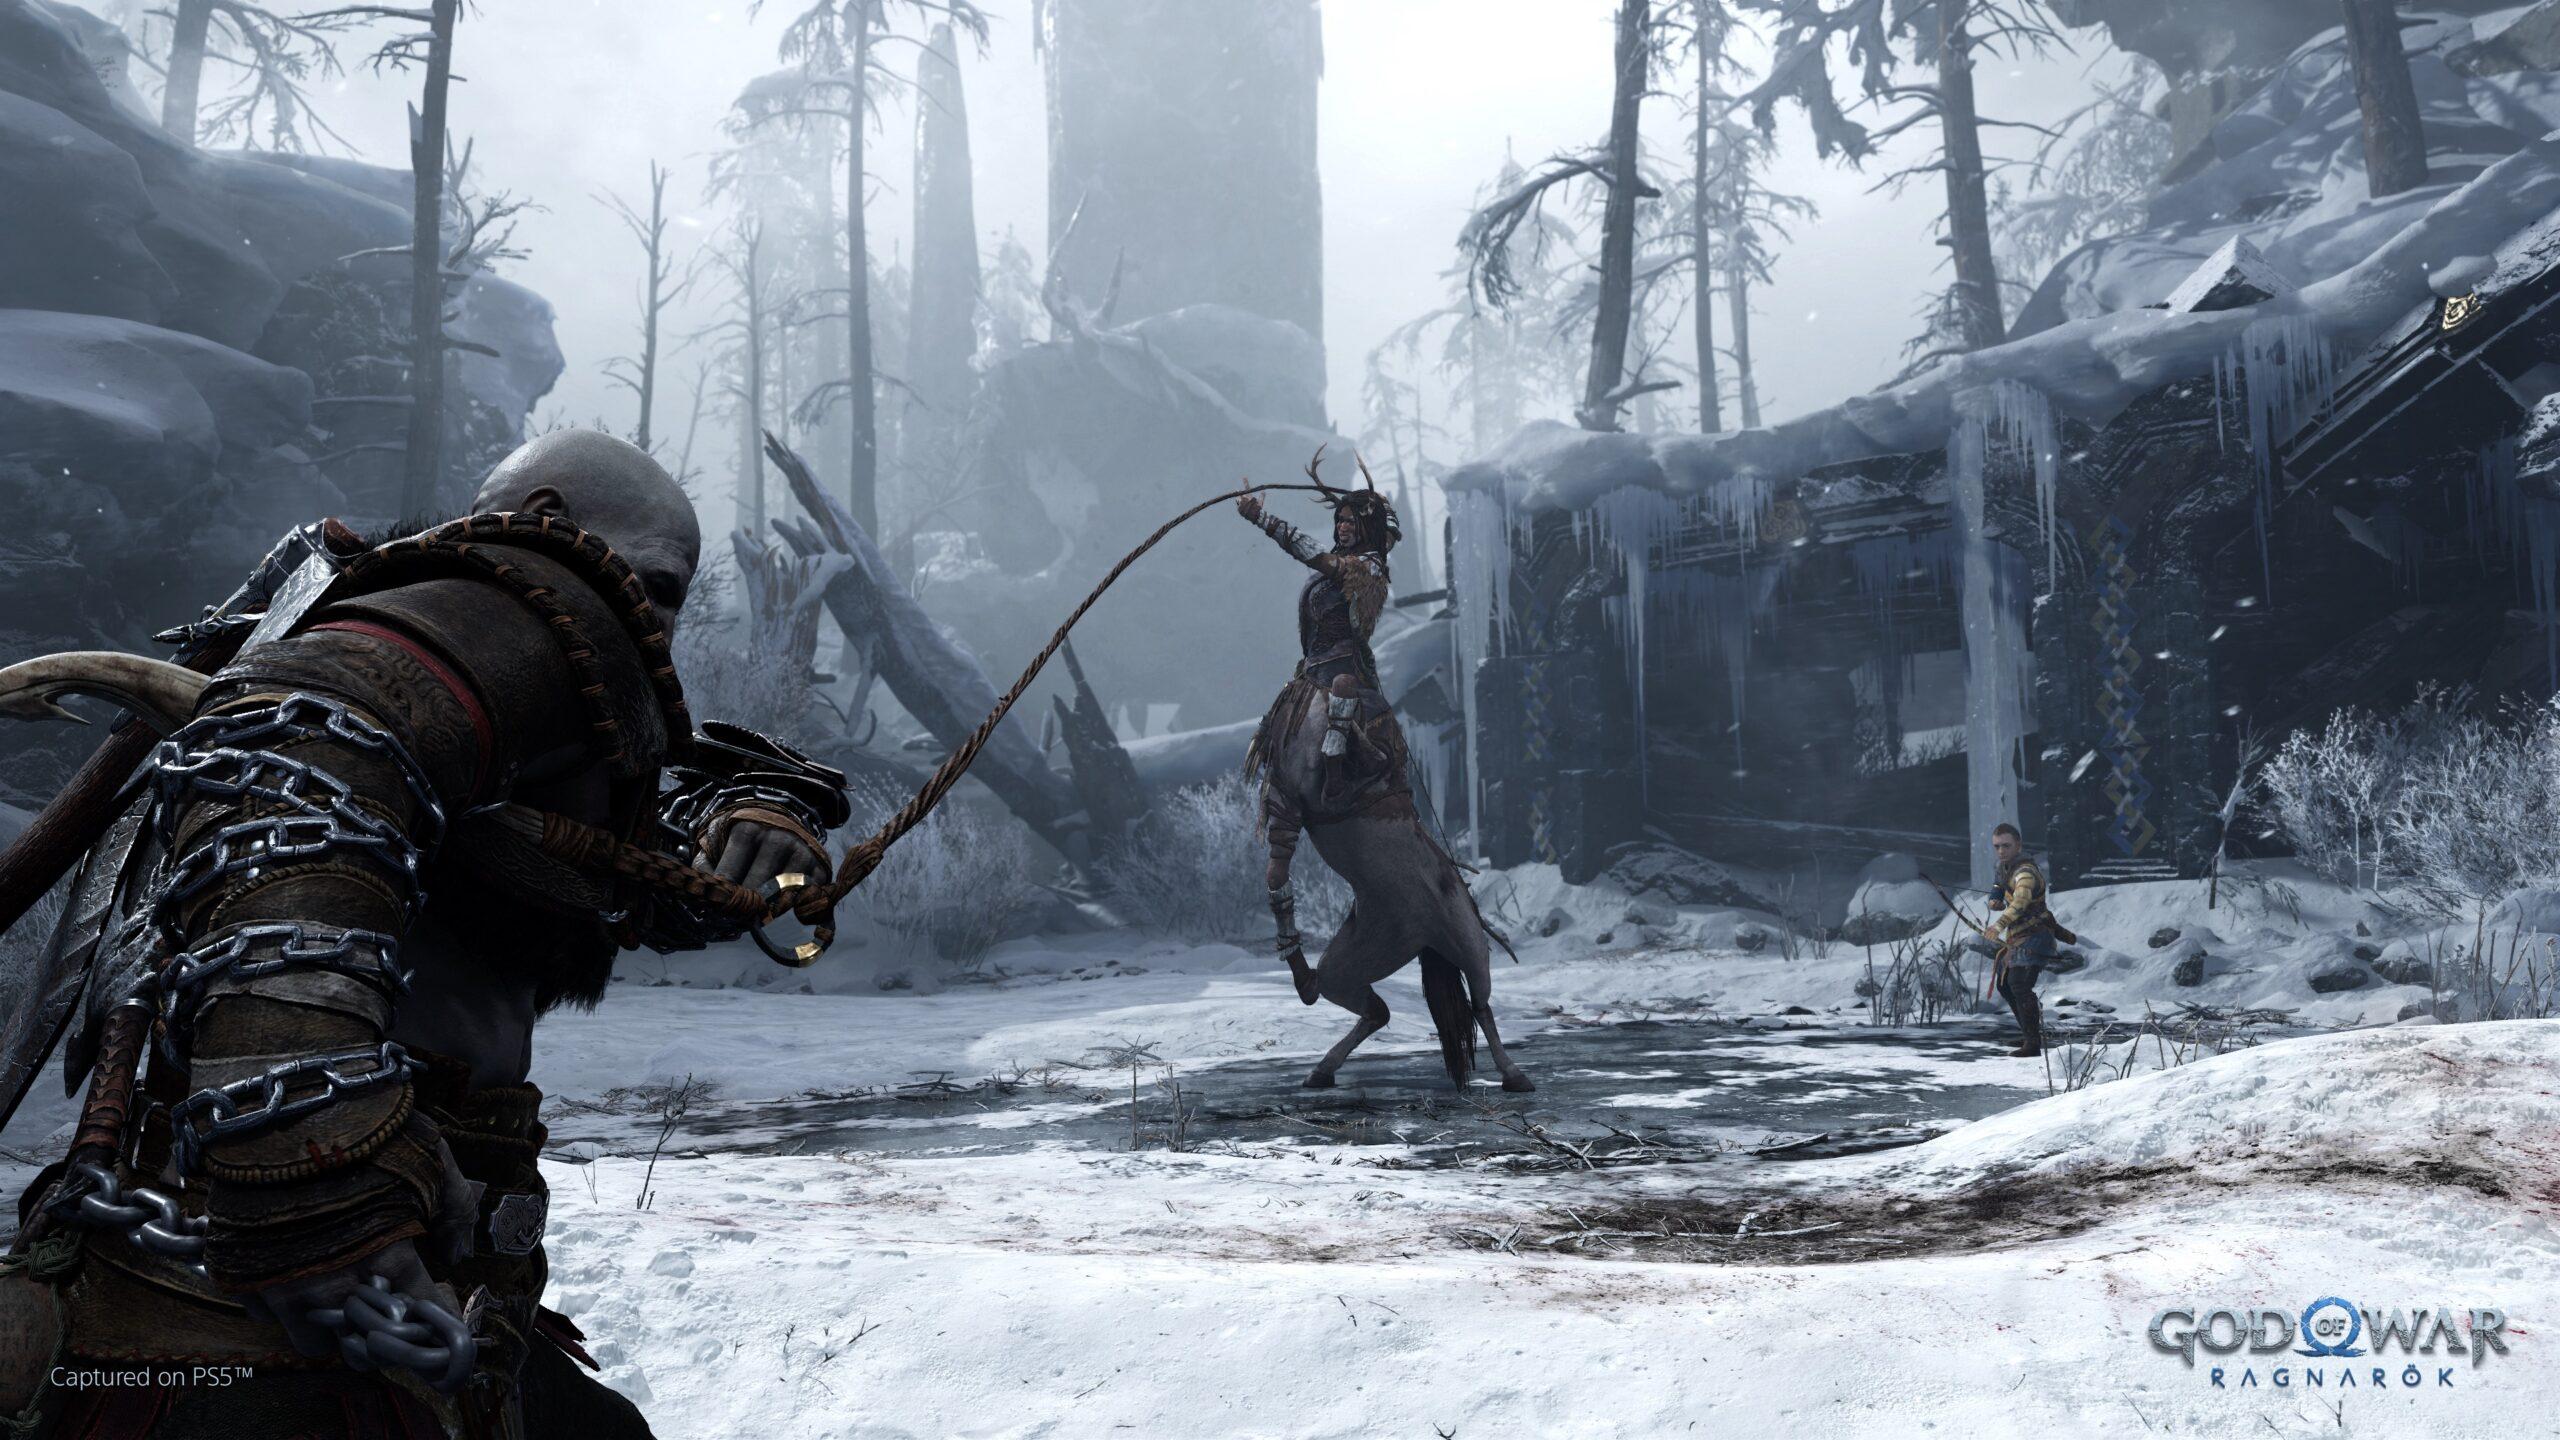 Combat God of War Ragnarok